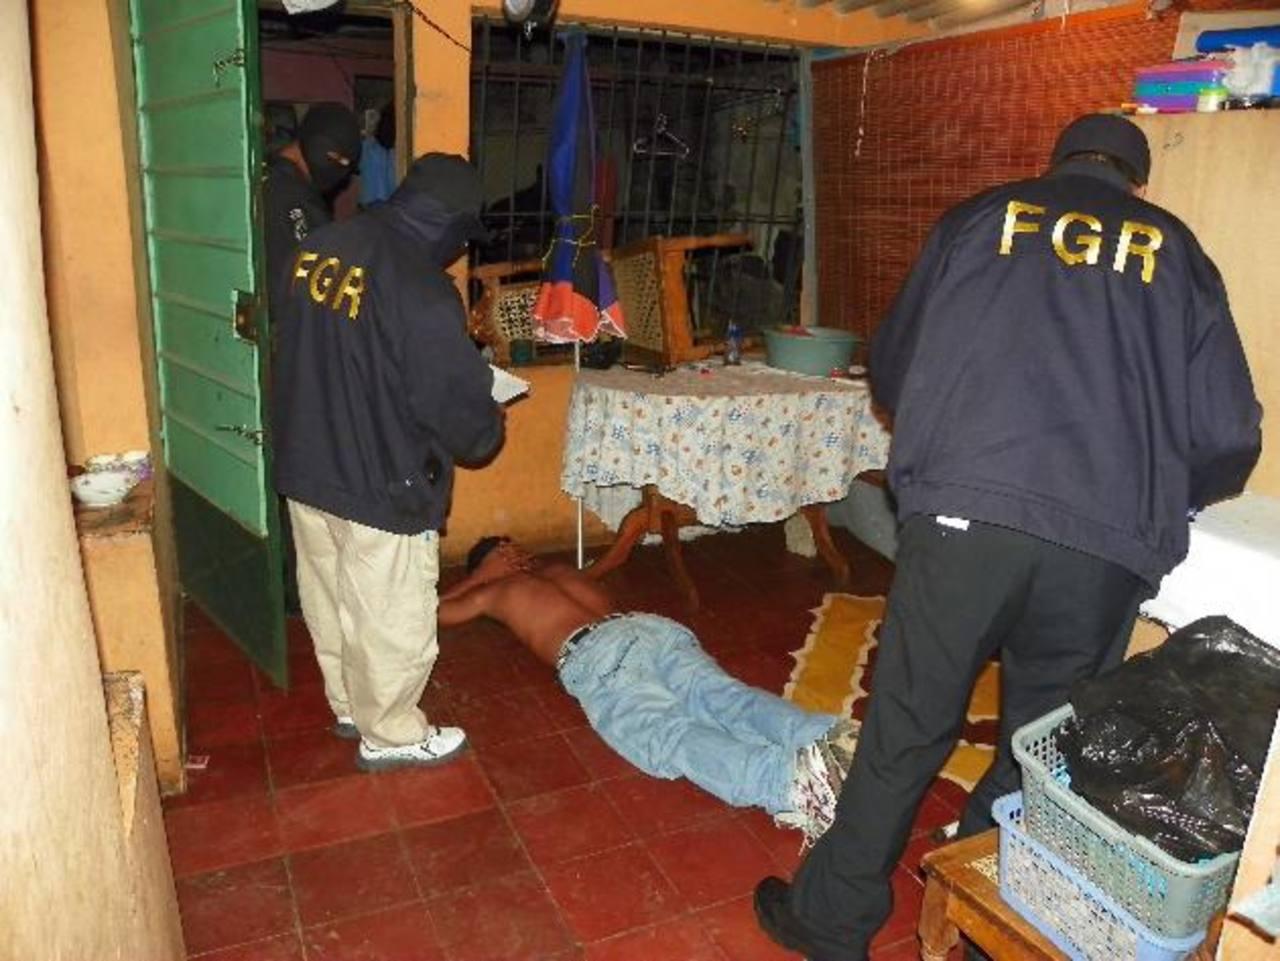 Los asesinatos que se les imputan a los capturados fueron cometidos en San Antonio del Monte. Foto EDH / Cortesía FGR